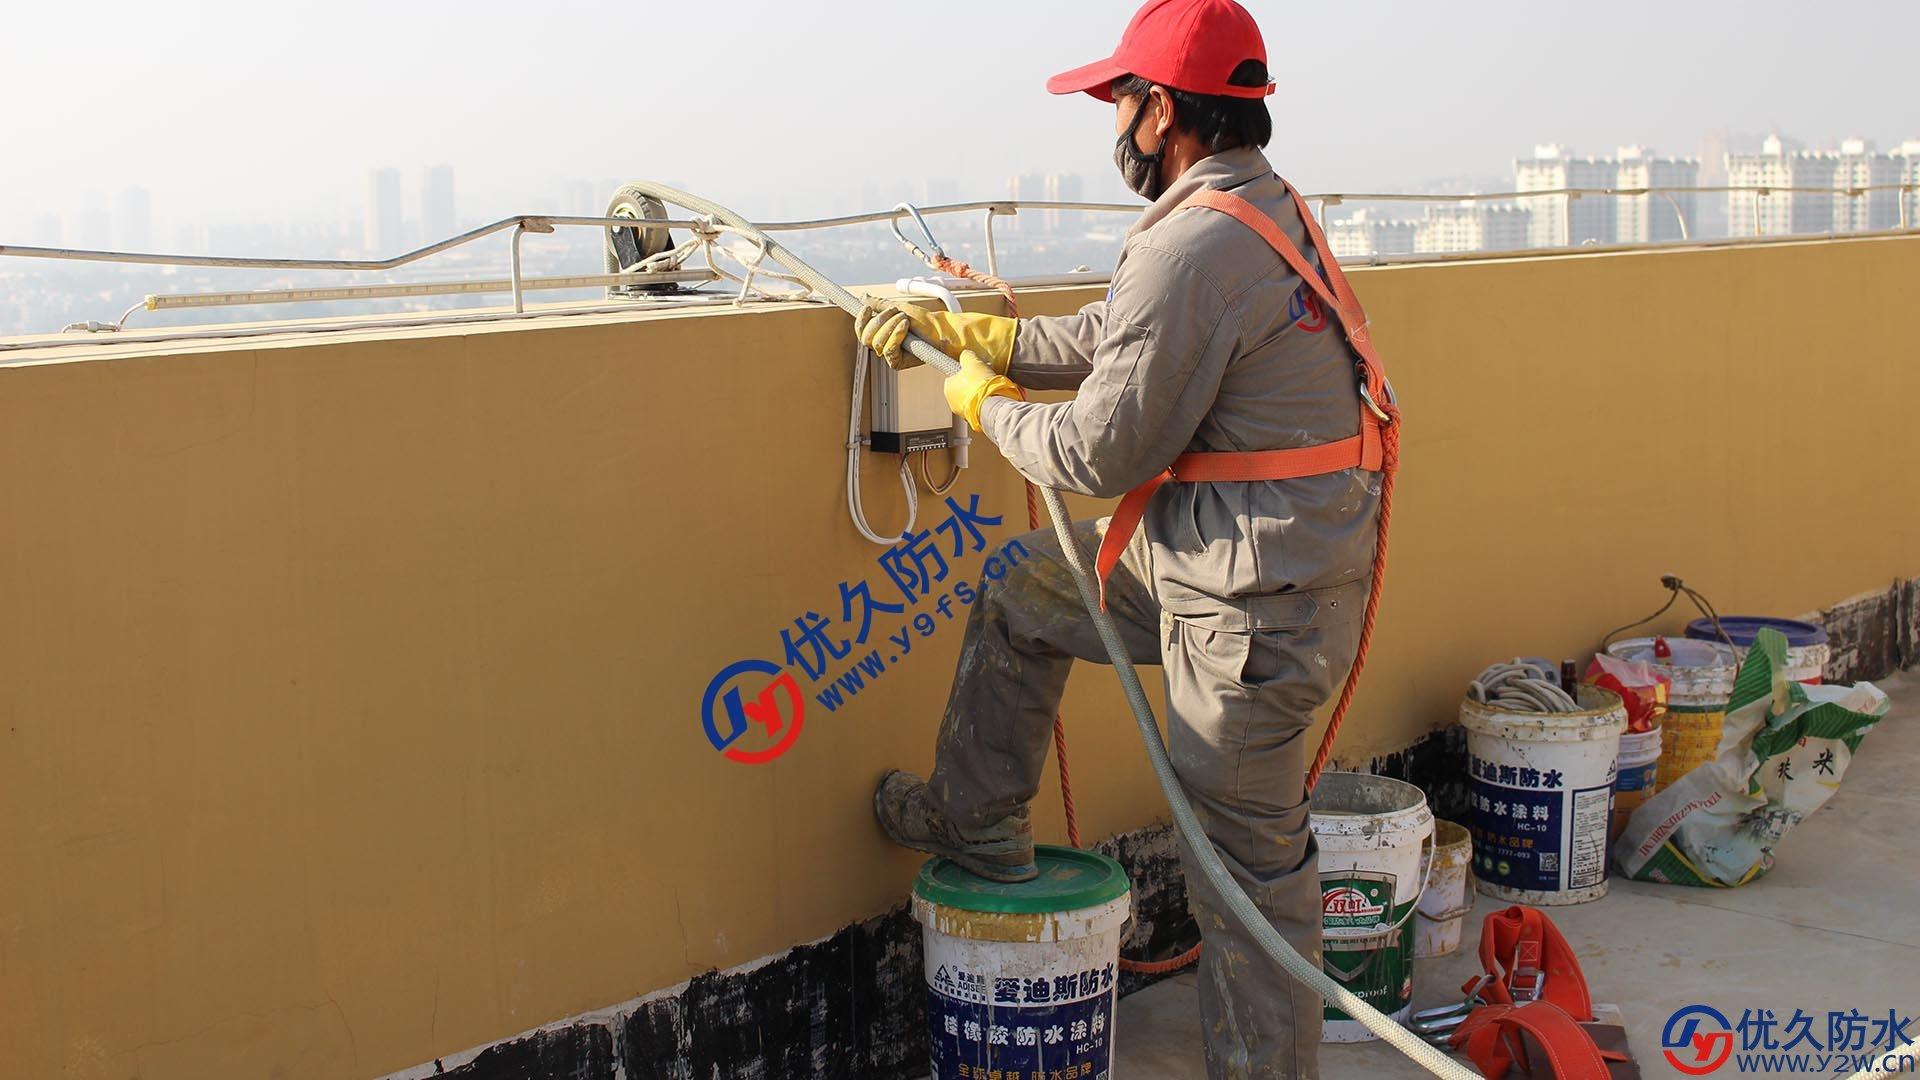 顶楼放绳子需加滑轮,以保证绳子不会因摩擦导致降低质量